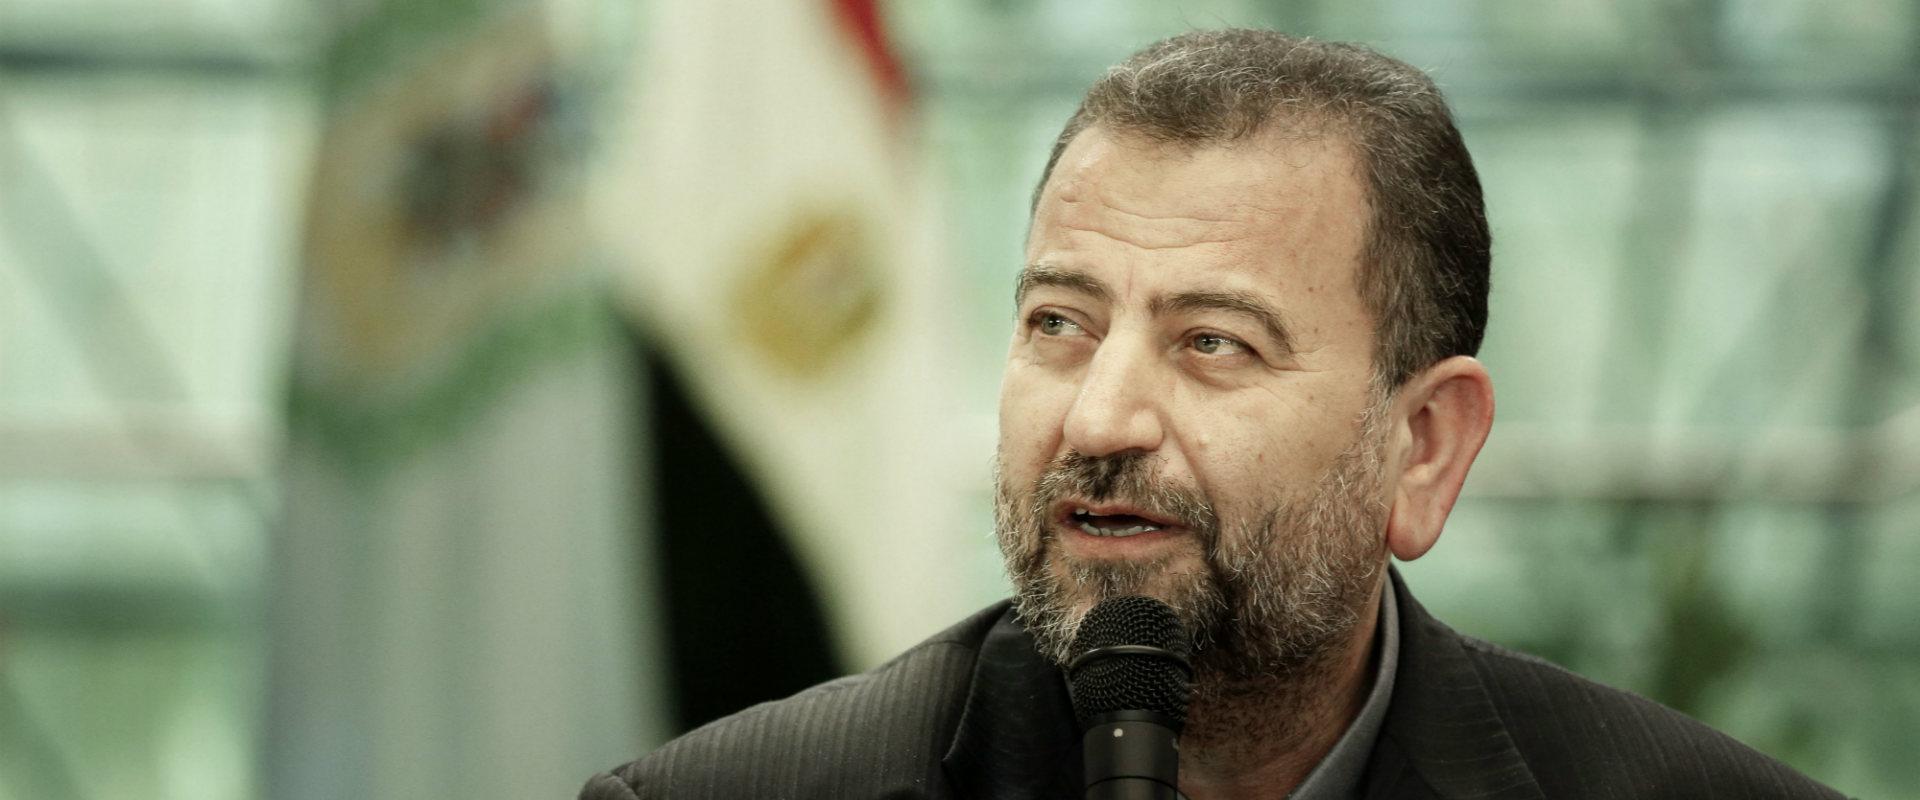 סאלח אל-עארורי בקהיר בשבוע שעבר